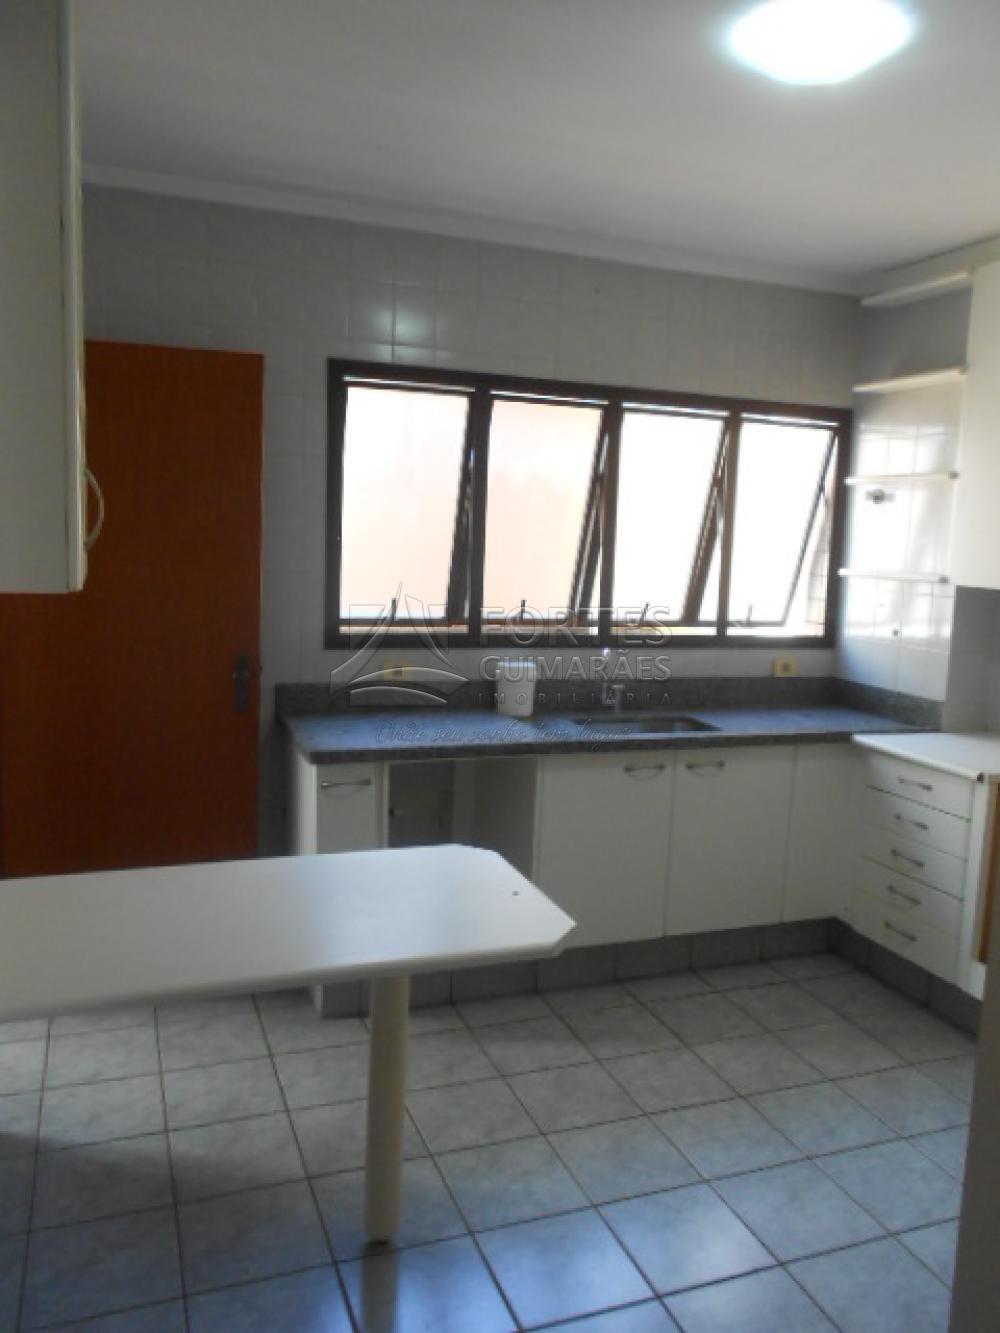 Alugar Apartamentos / Padrão em Ribeirão Preto apenas R$ 1.100,00 - Foto 41